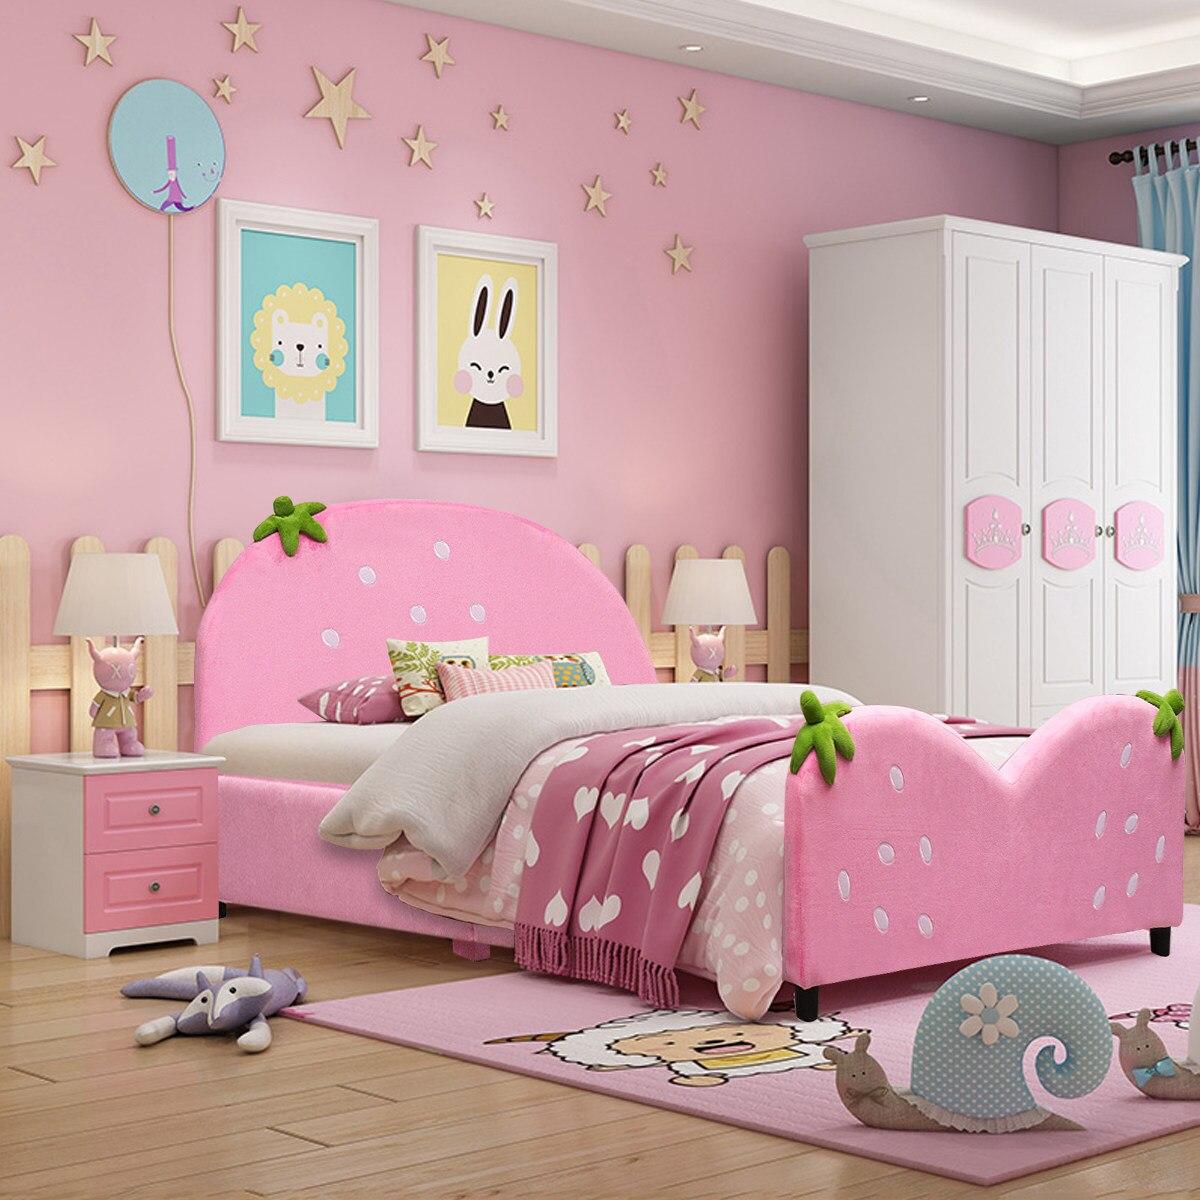 Full Size of Mädchenbetten Betten Mbel Rosa Massivholz Kind Bett Wohnzimmer Mädchenbetten